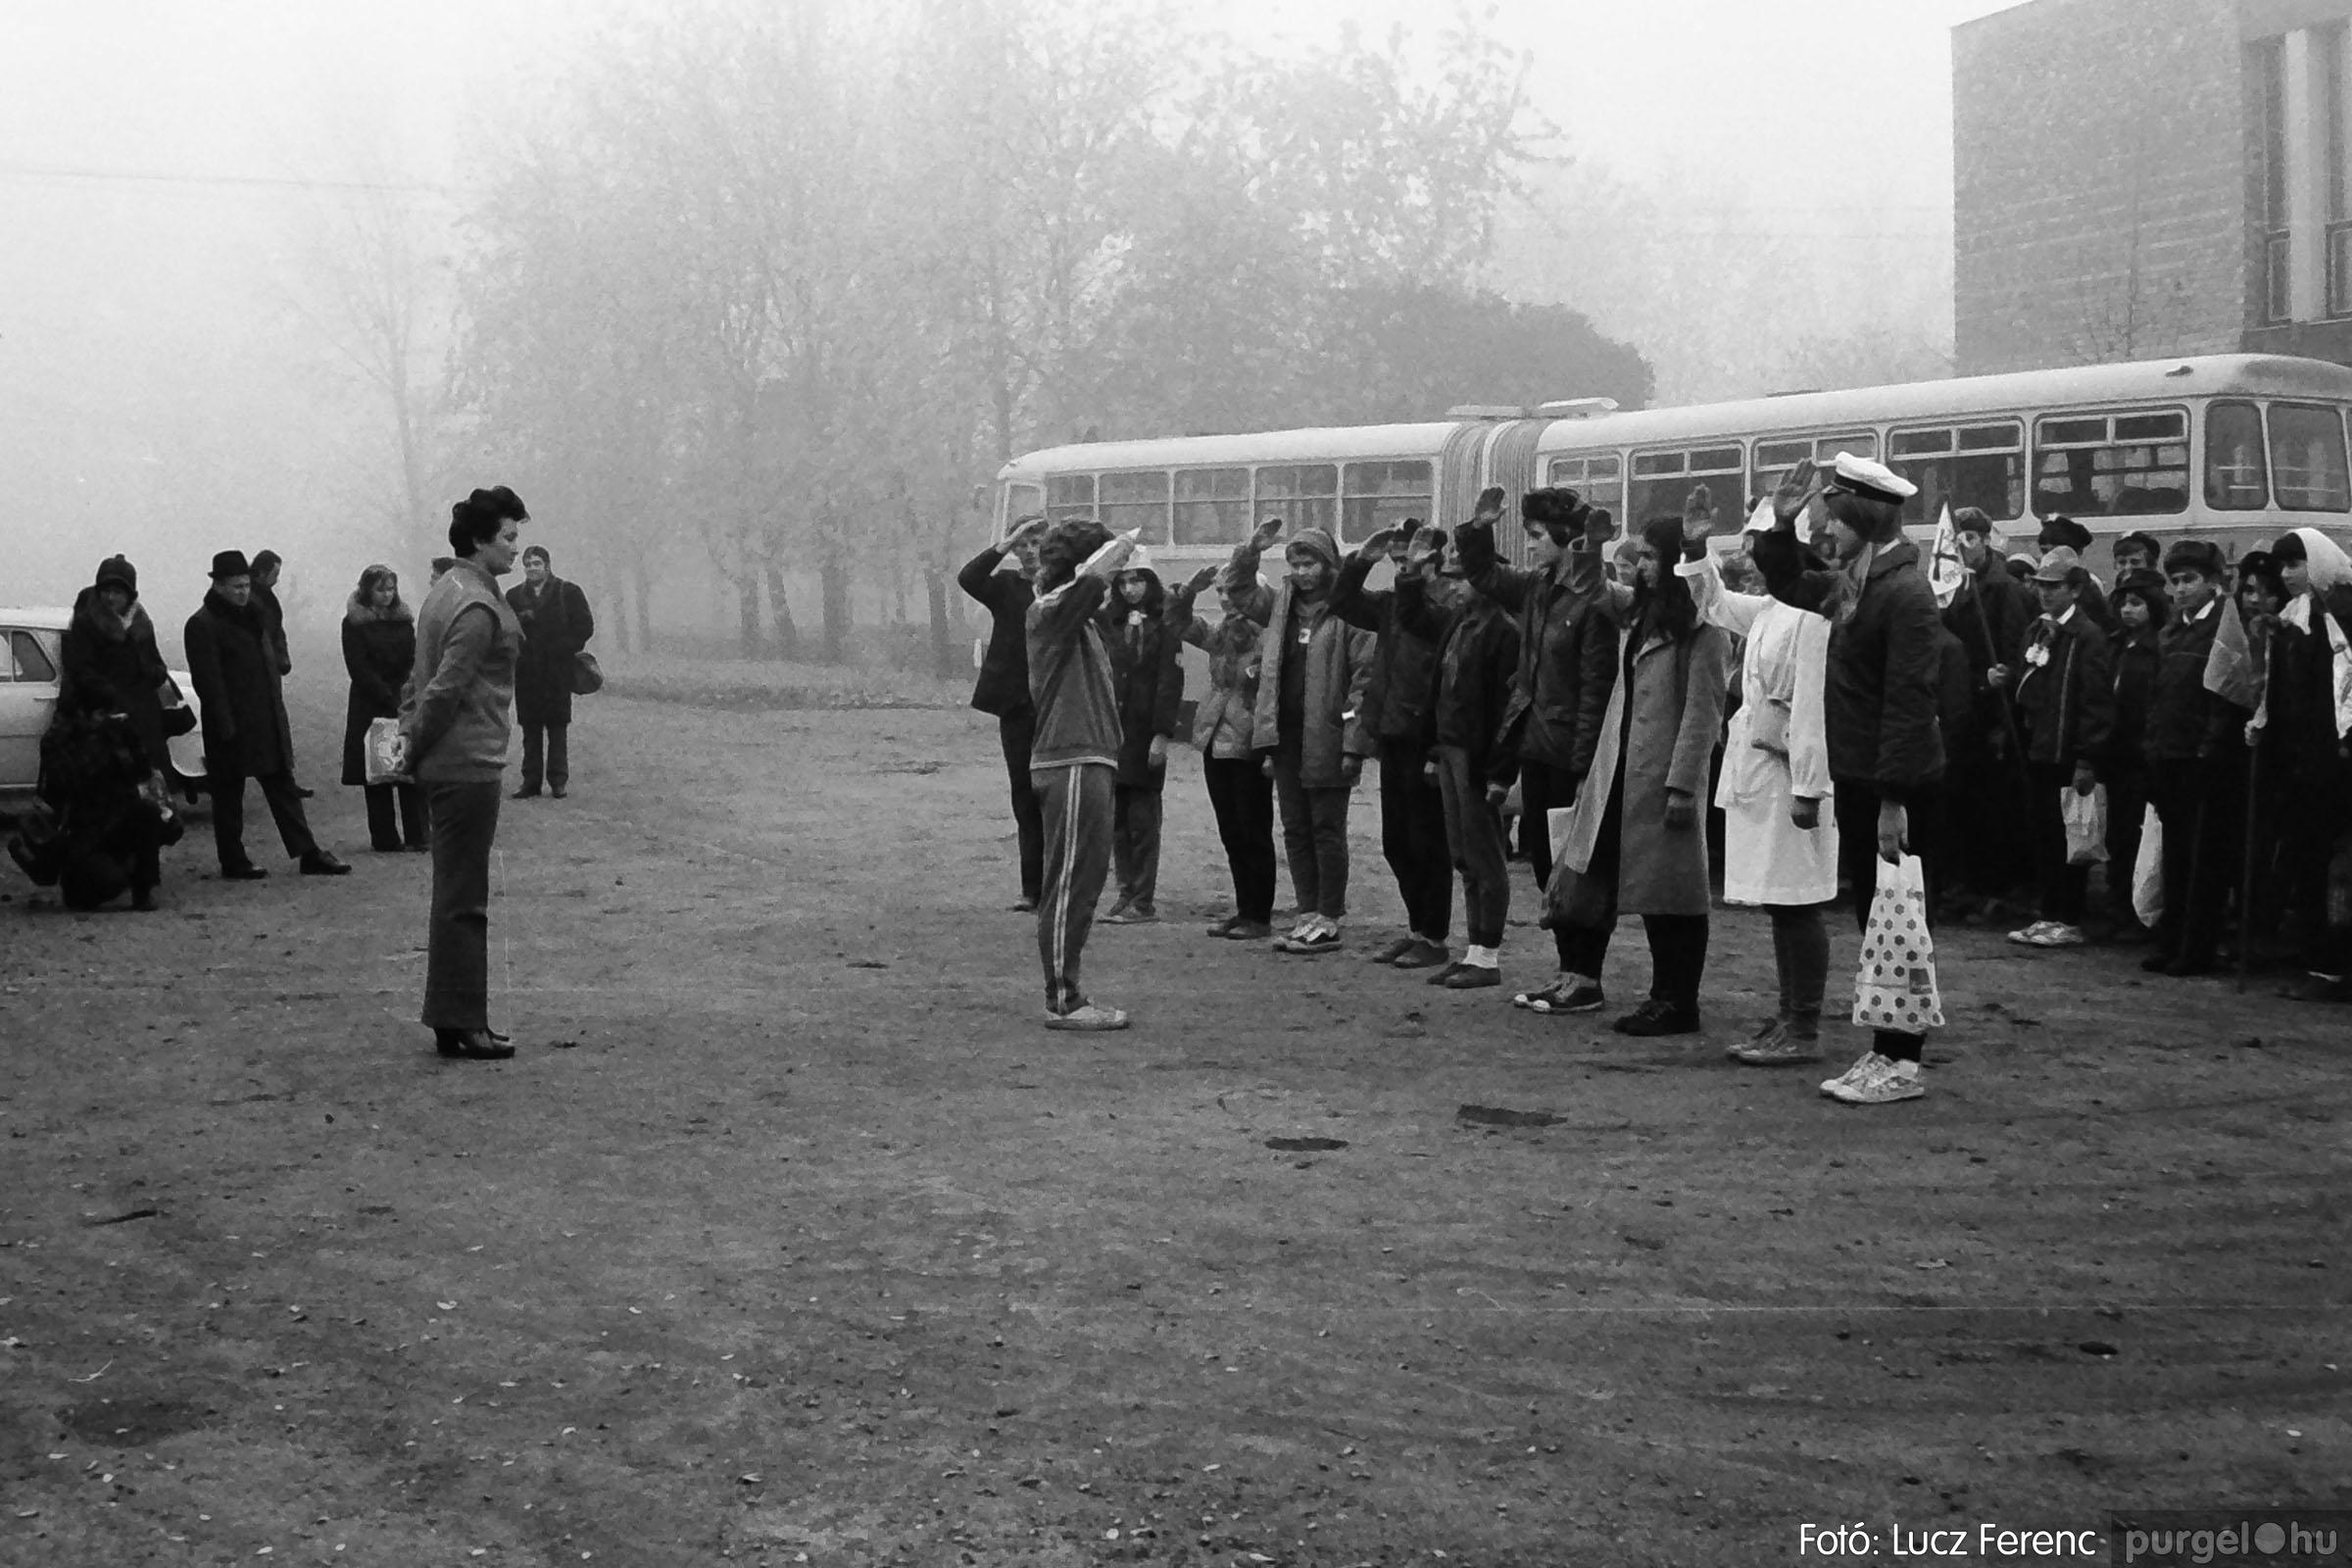 004A 1970-es évek - Úttörő rendezvény 004 - Fotó: Lucz Ferenc IMG00015q.jpg